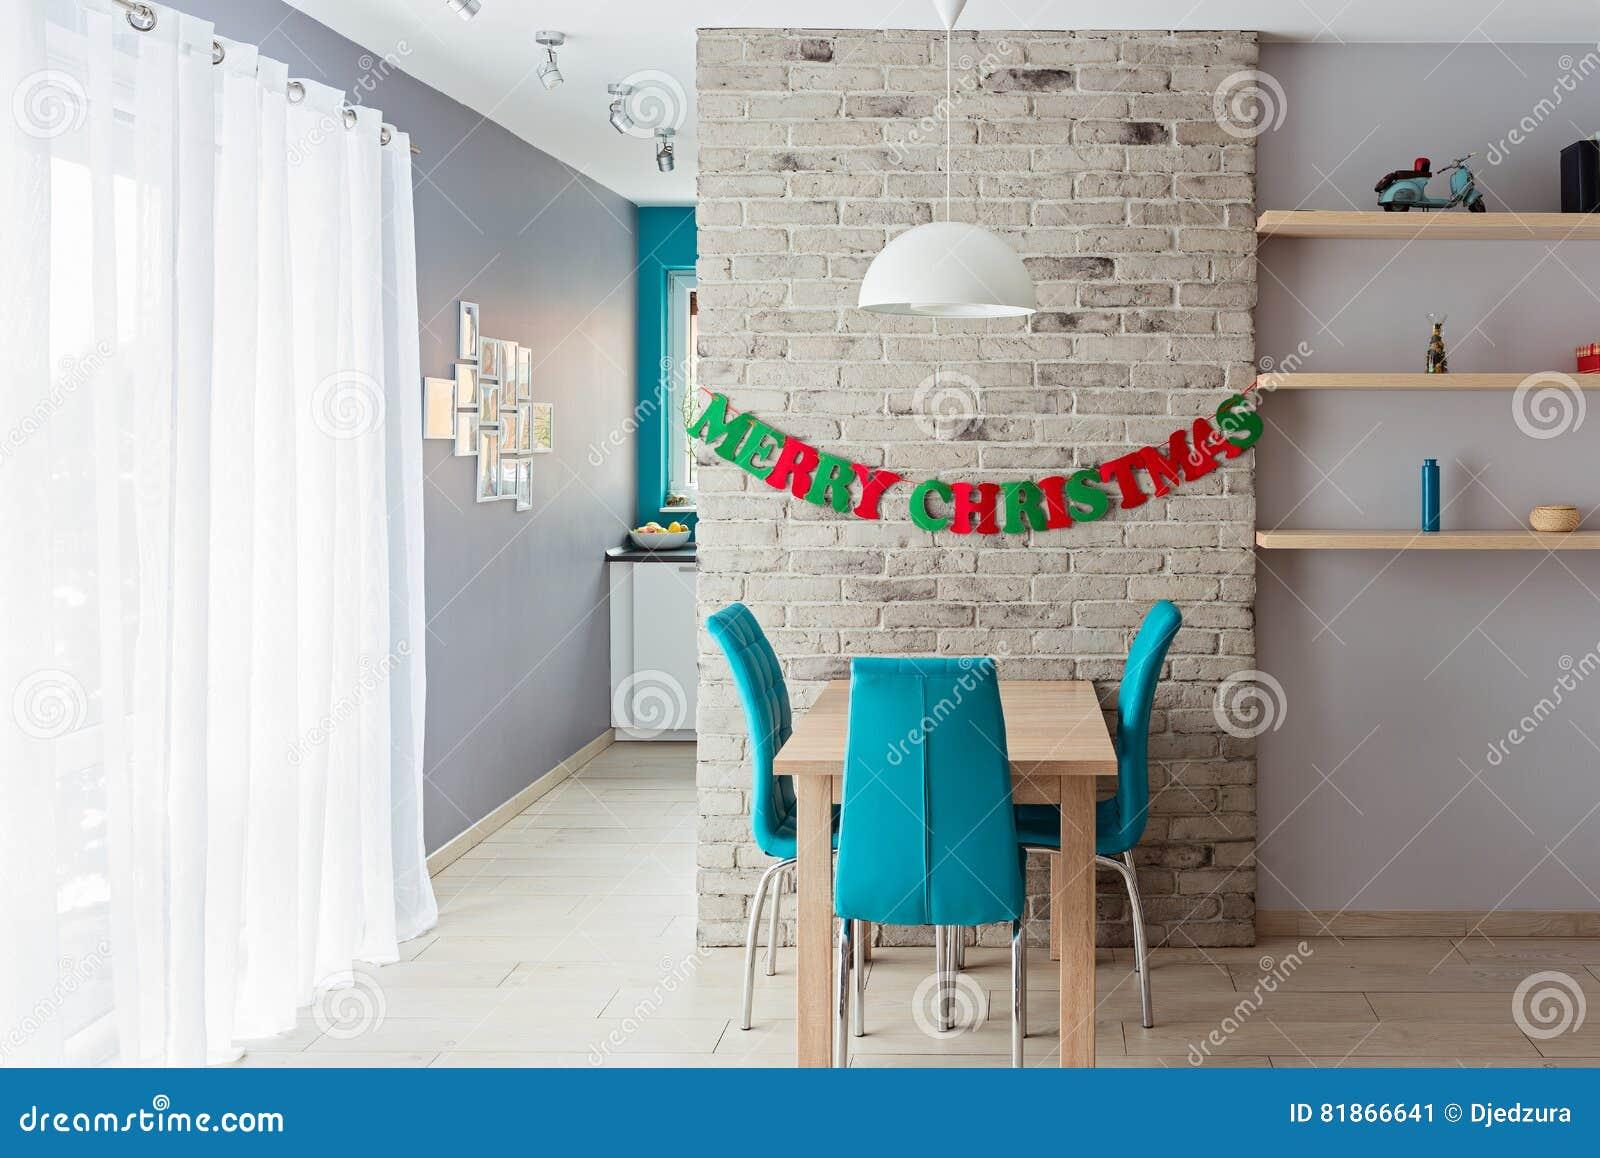 Decorazioni Sala Natale : Sala da pranzo con la decorazione di natale immagine stock